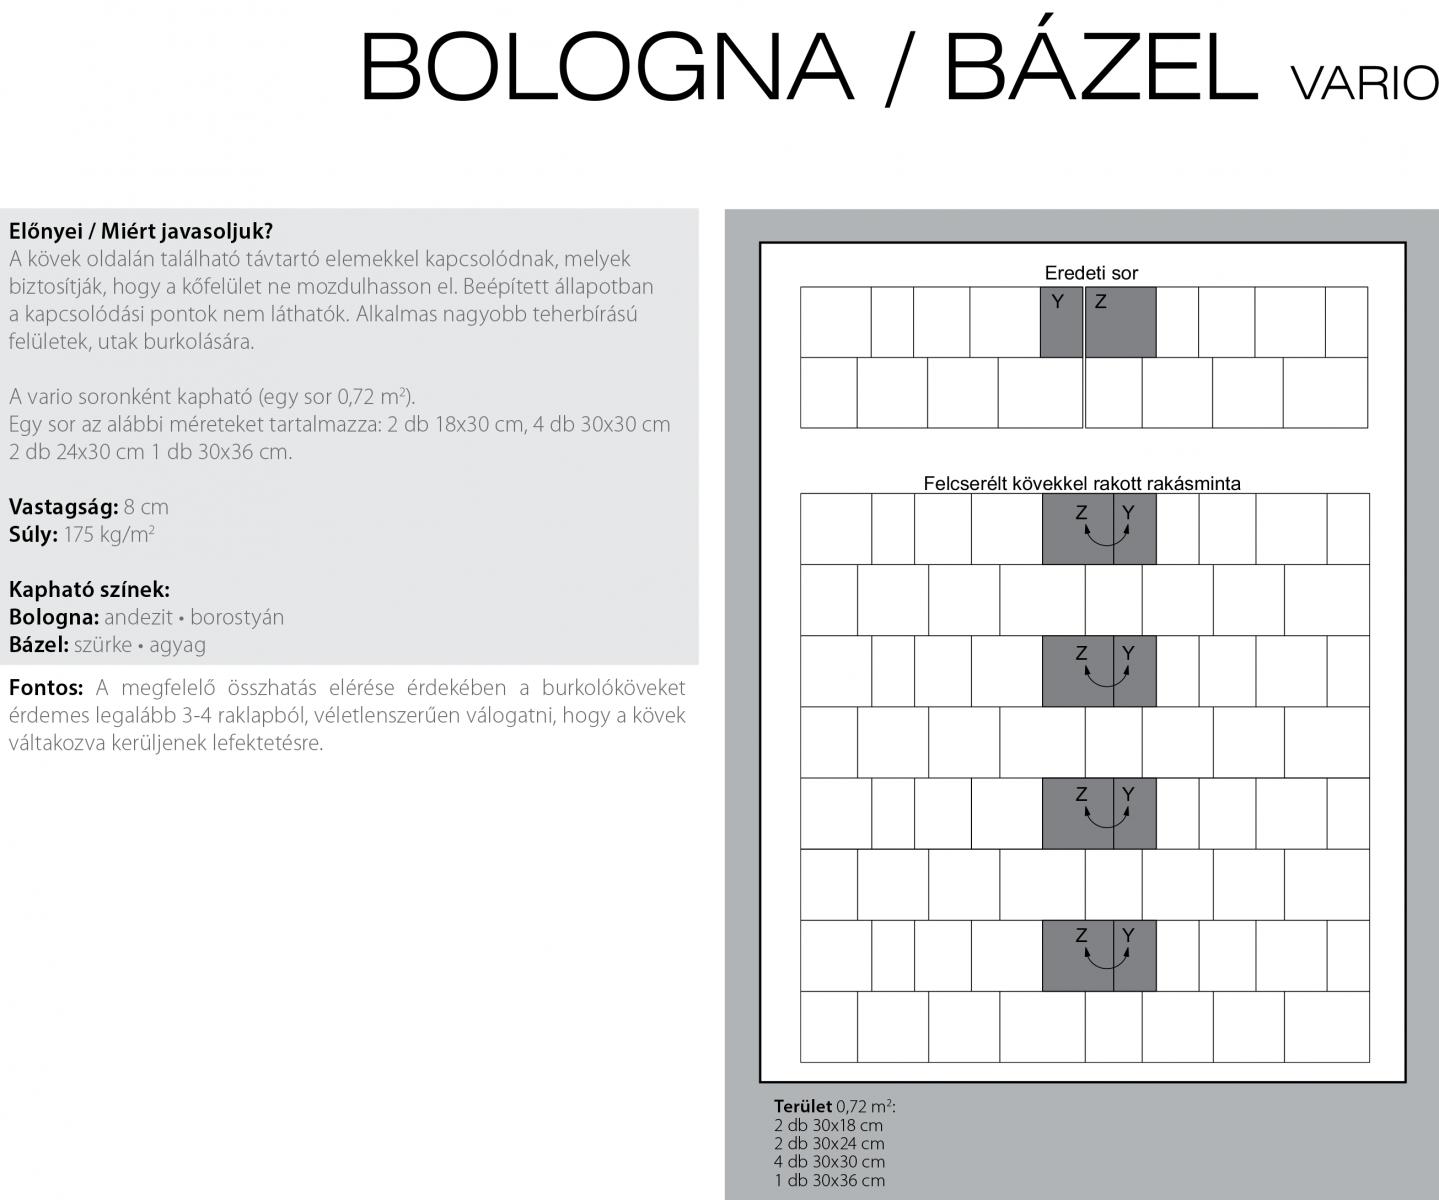 Bologna vario melírozott technikai információi